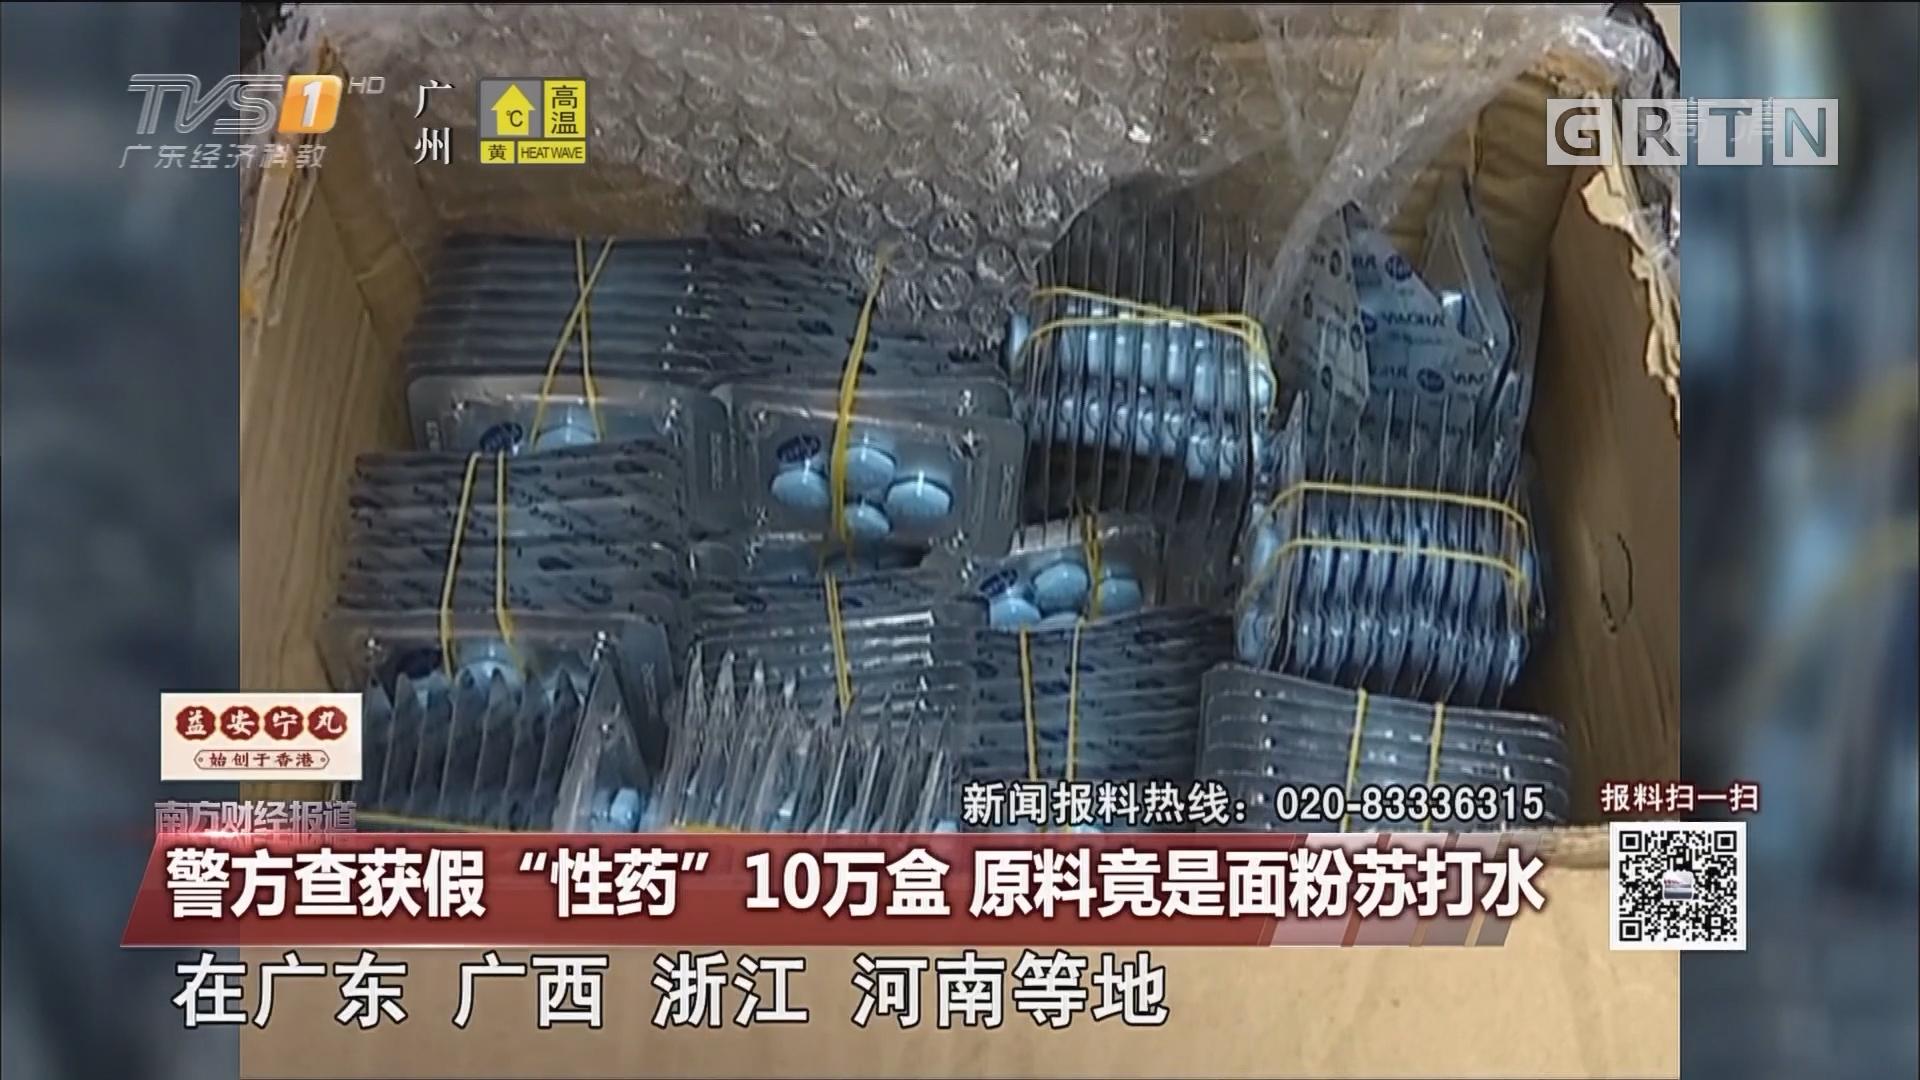 """警方查获假""""性药""""10万盒 原料竟是面粉苏打水"""